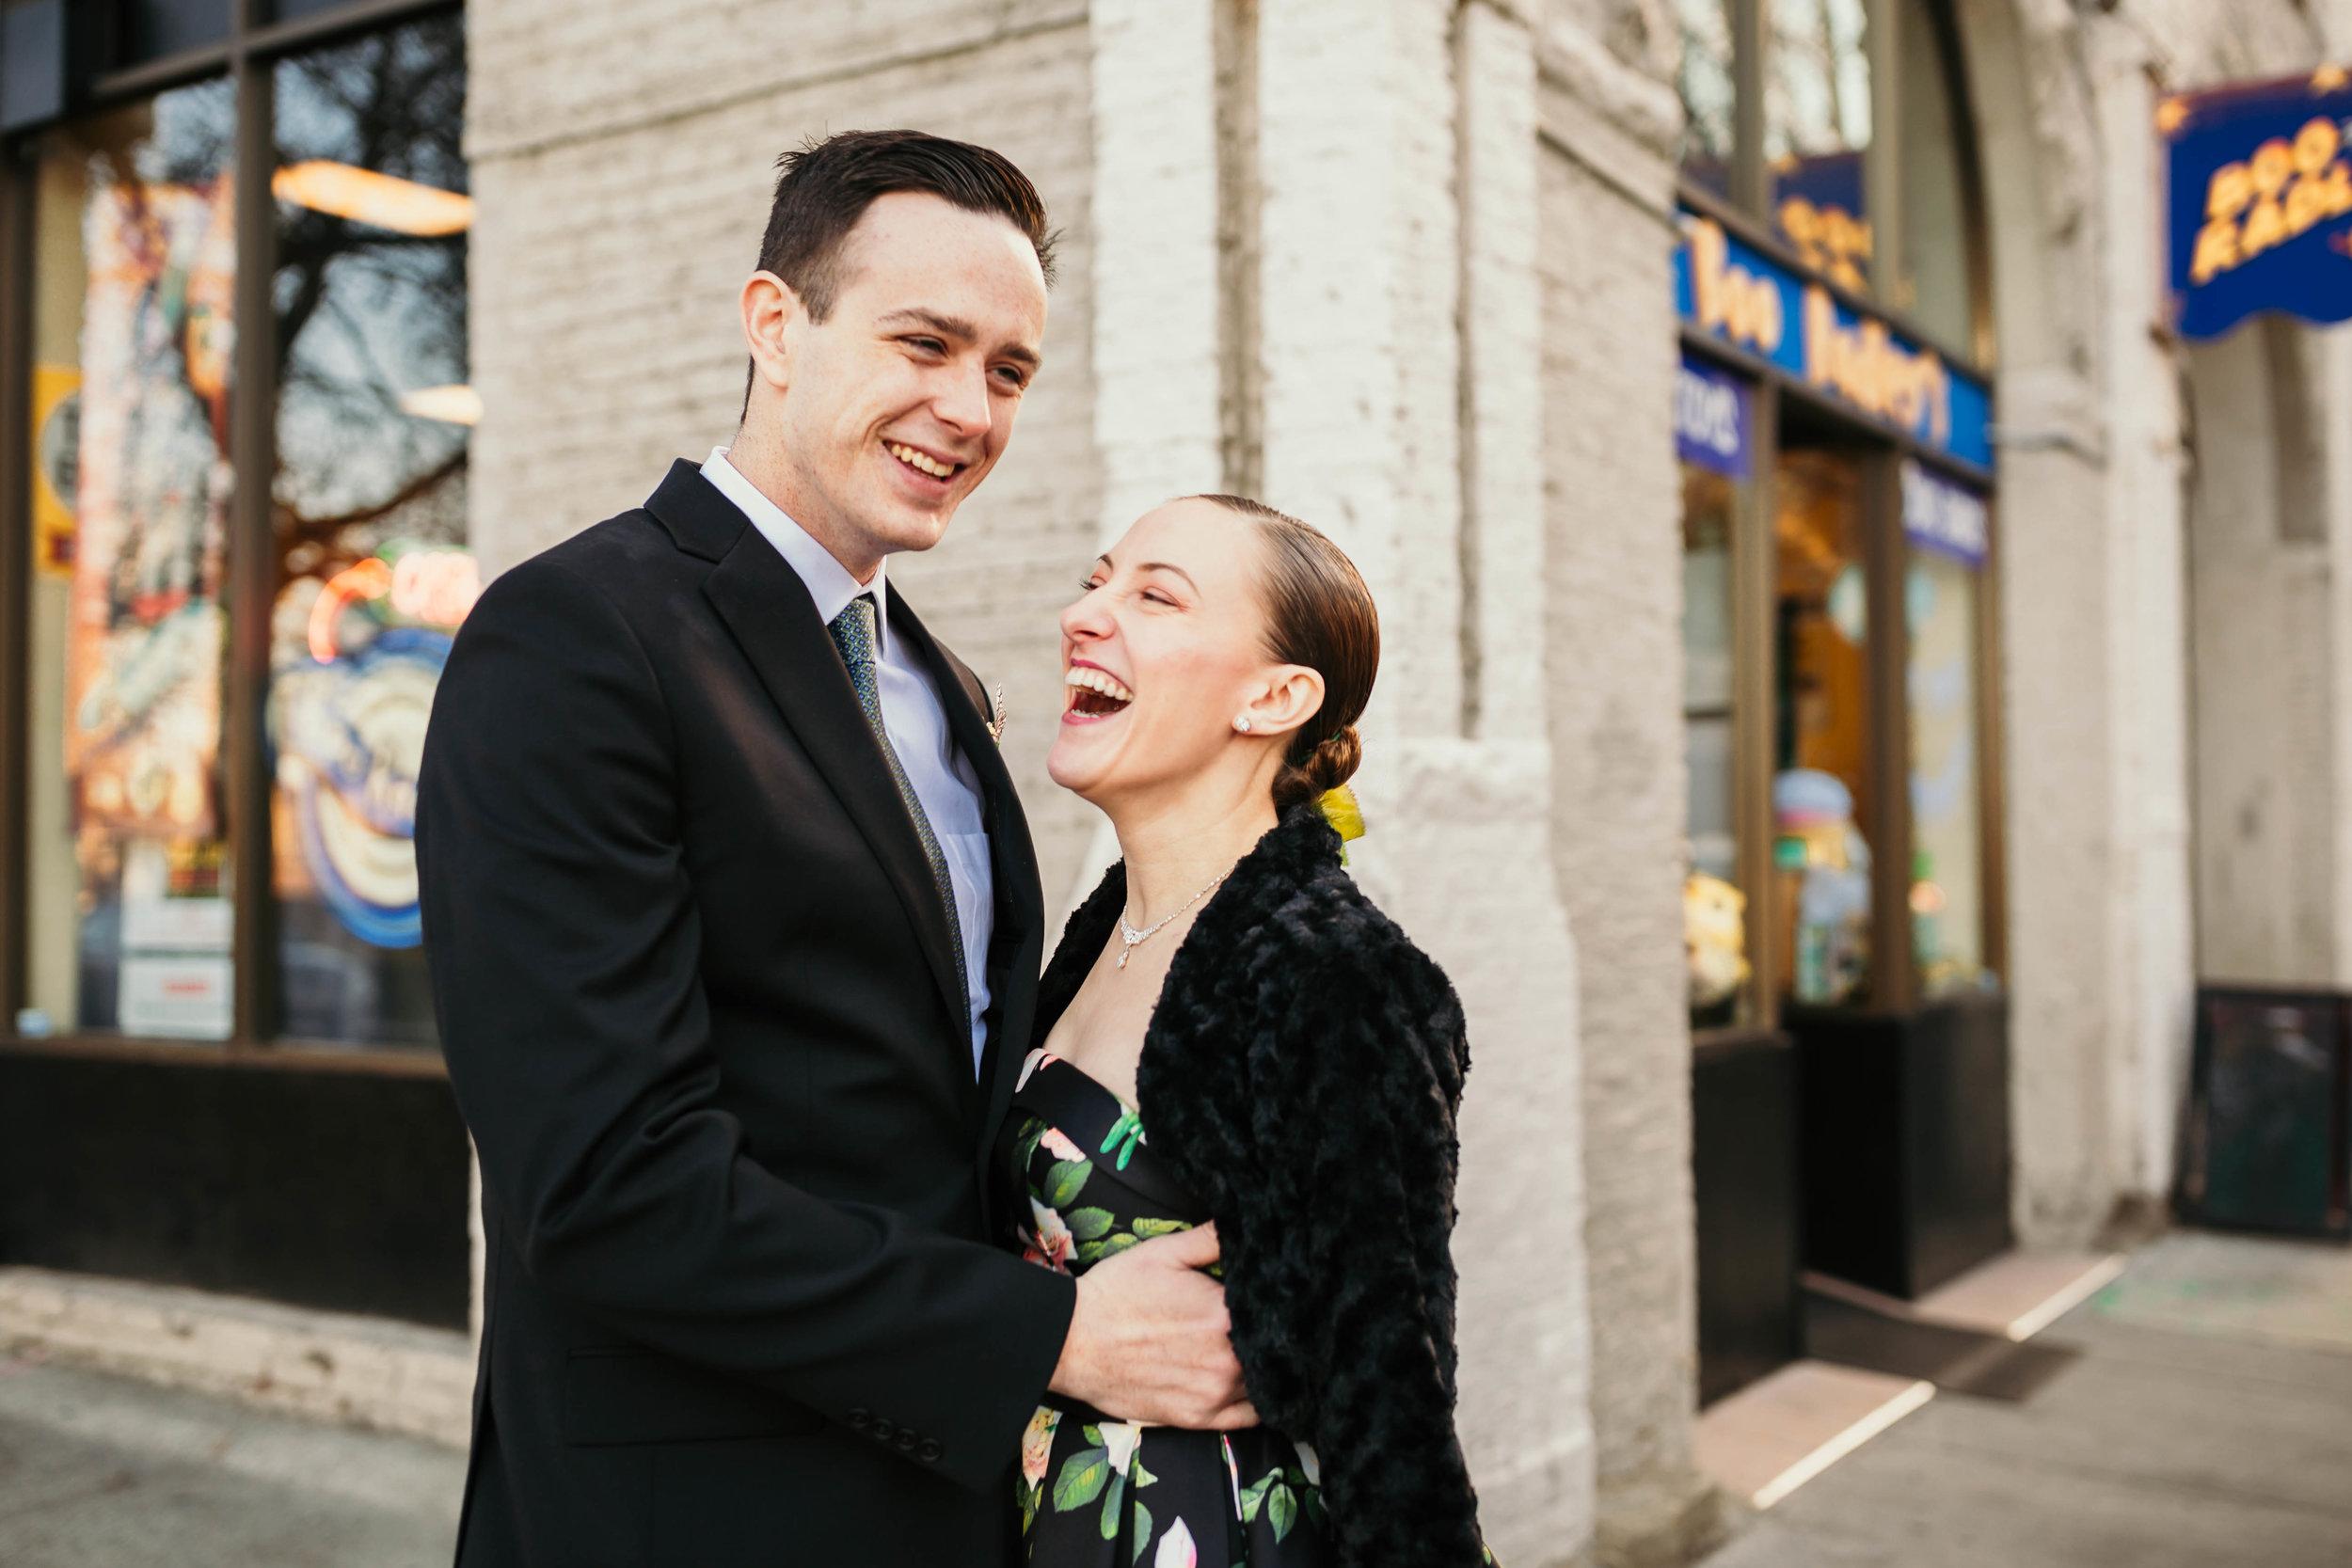 izzy+jacob-weddingsneakpeekblog-64.jpg